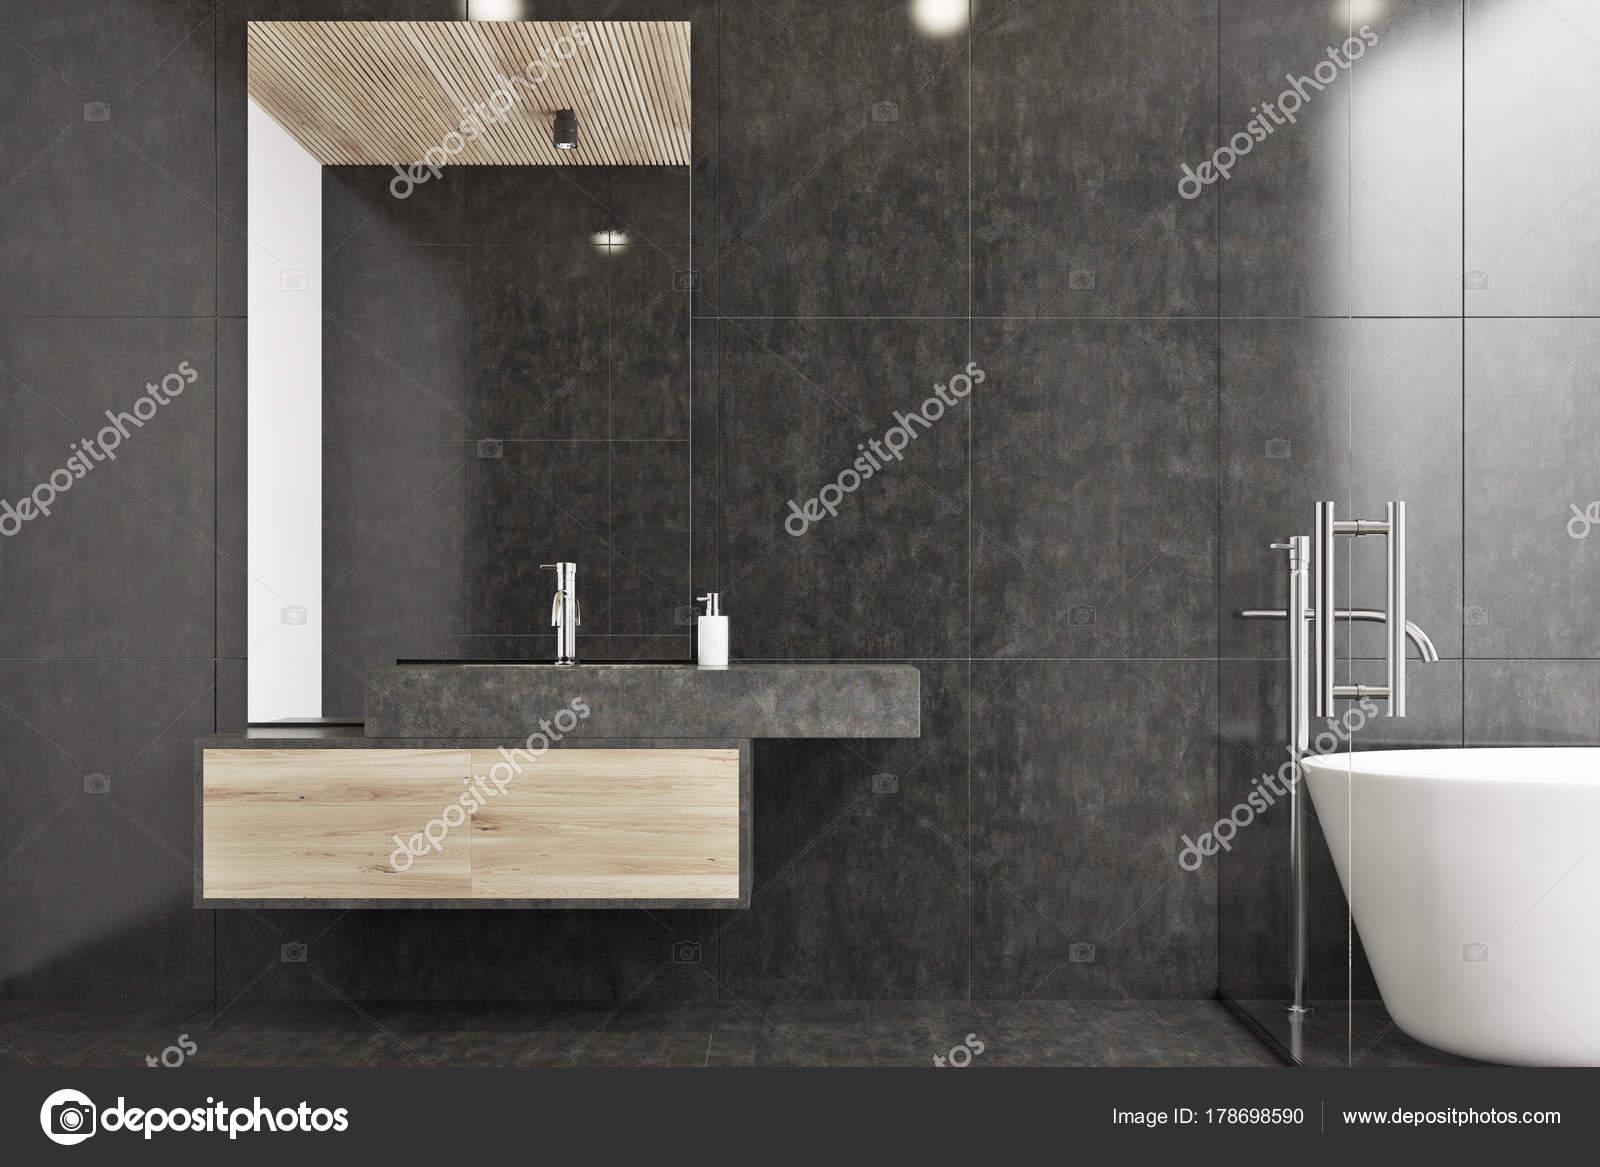 Vasca da bagno con un lavandino u2014 foto stock © denisismagilov #178698590